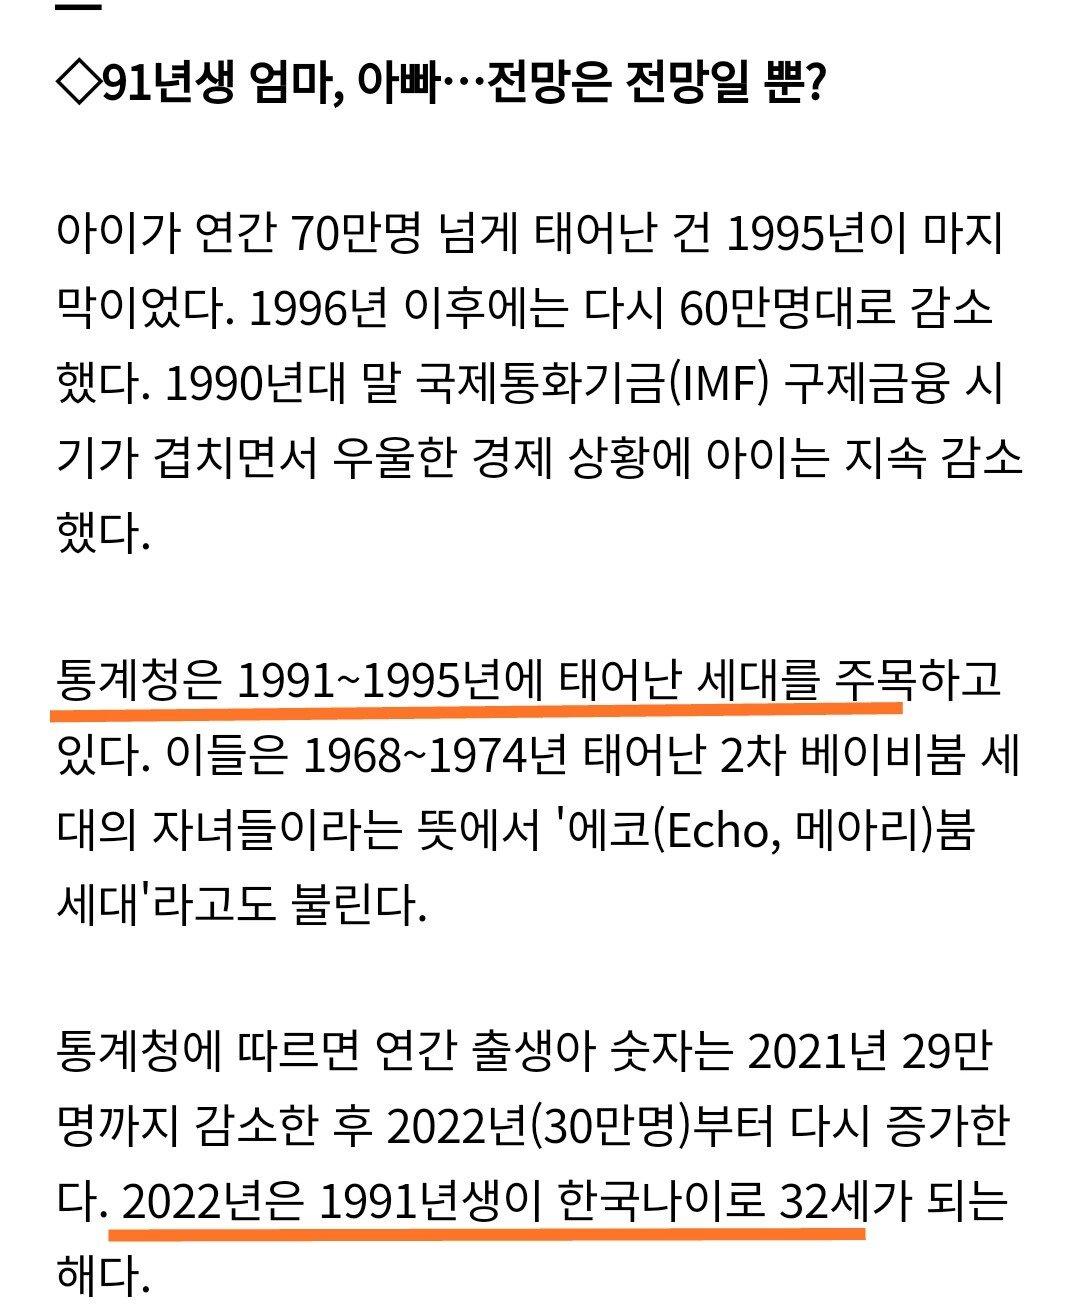 IMG_20191214_110525.jpg 나라가 기대 많이한다는 90년대생.jpg